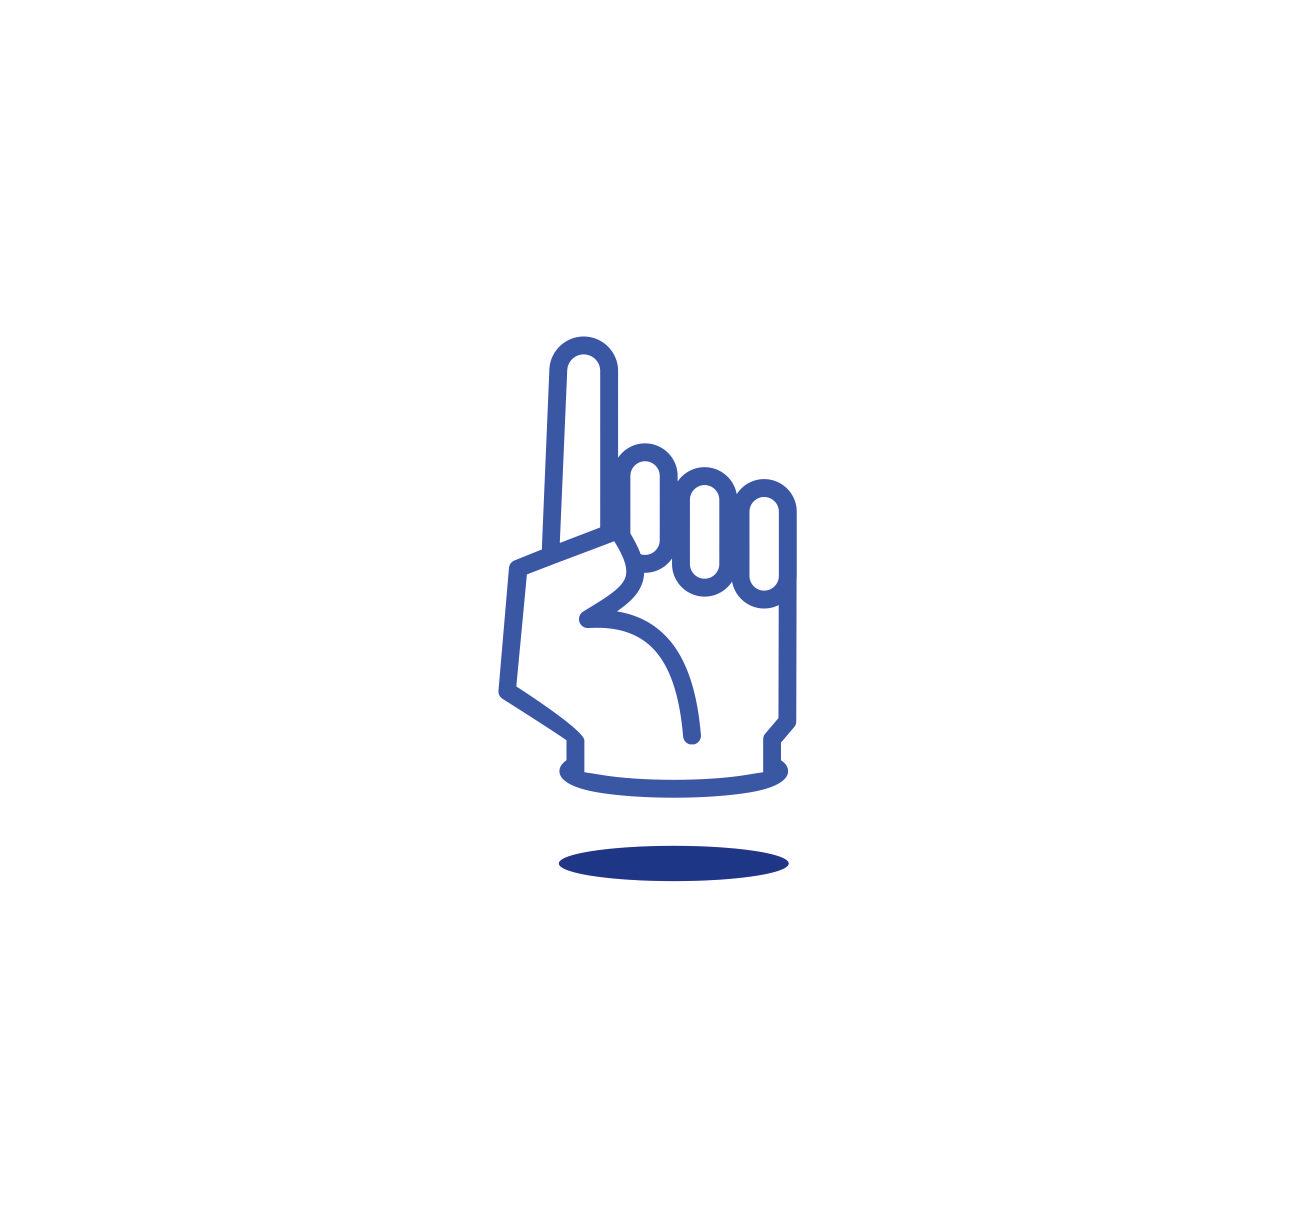 Разработать логотип + визитку + логотип для печати ООО +++ фото f_26655472f85b4d12.jpg